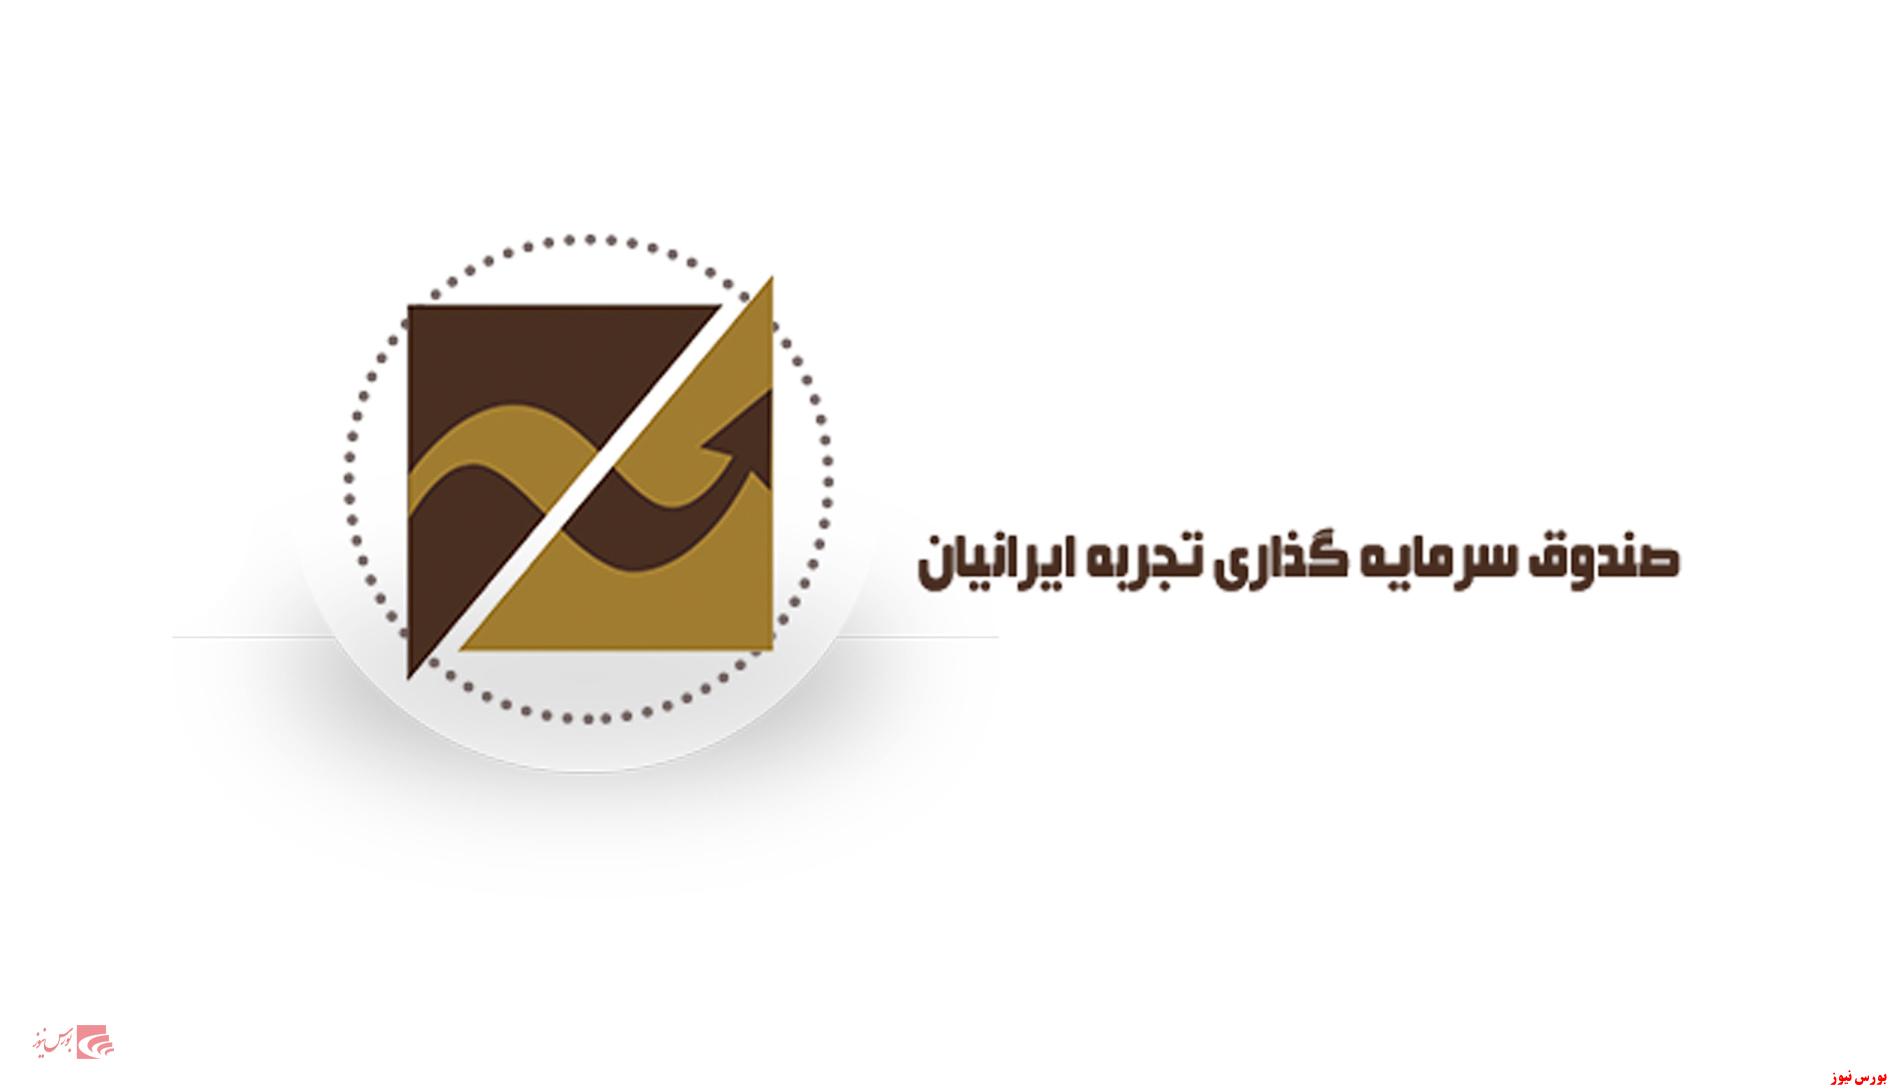 نگاهی به عملکرد صندوق سرمایهگذاری تجربه ایرانیان